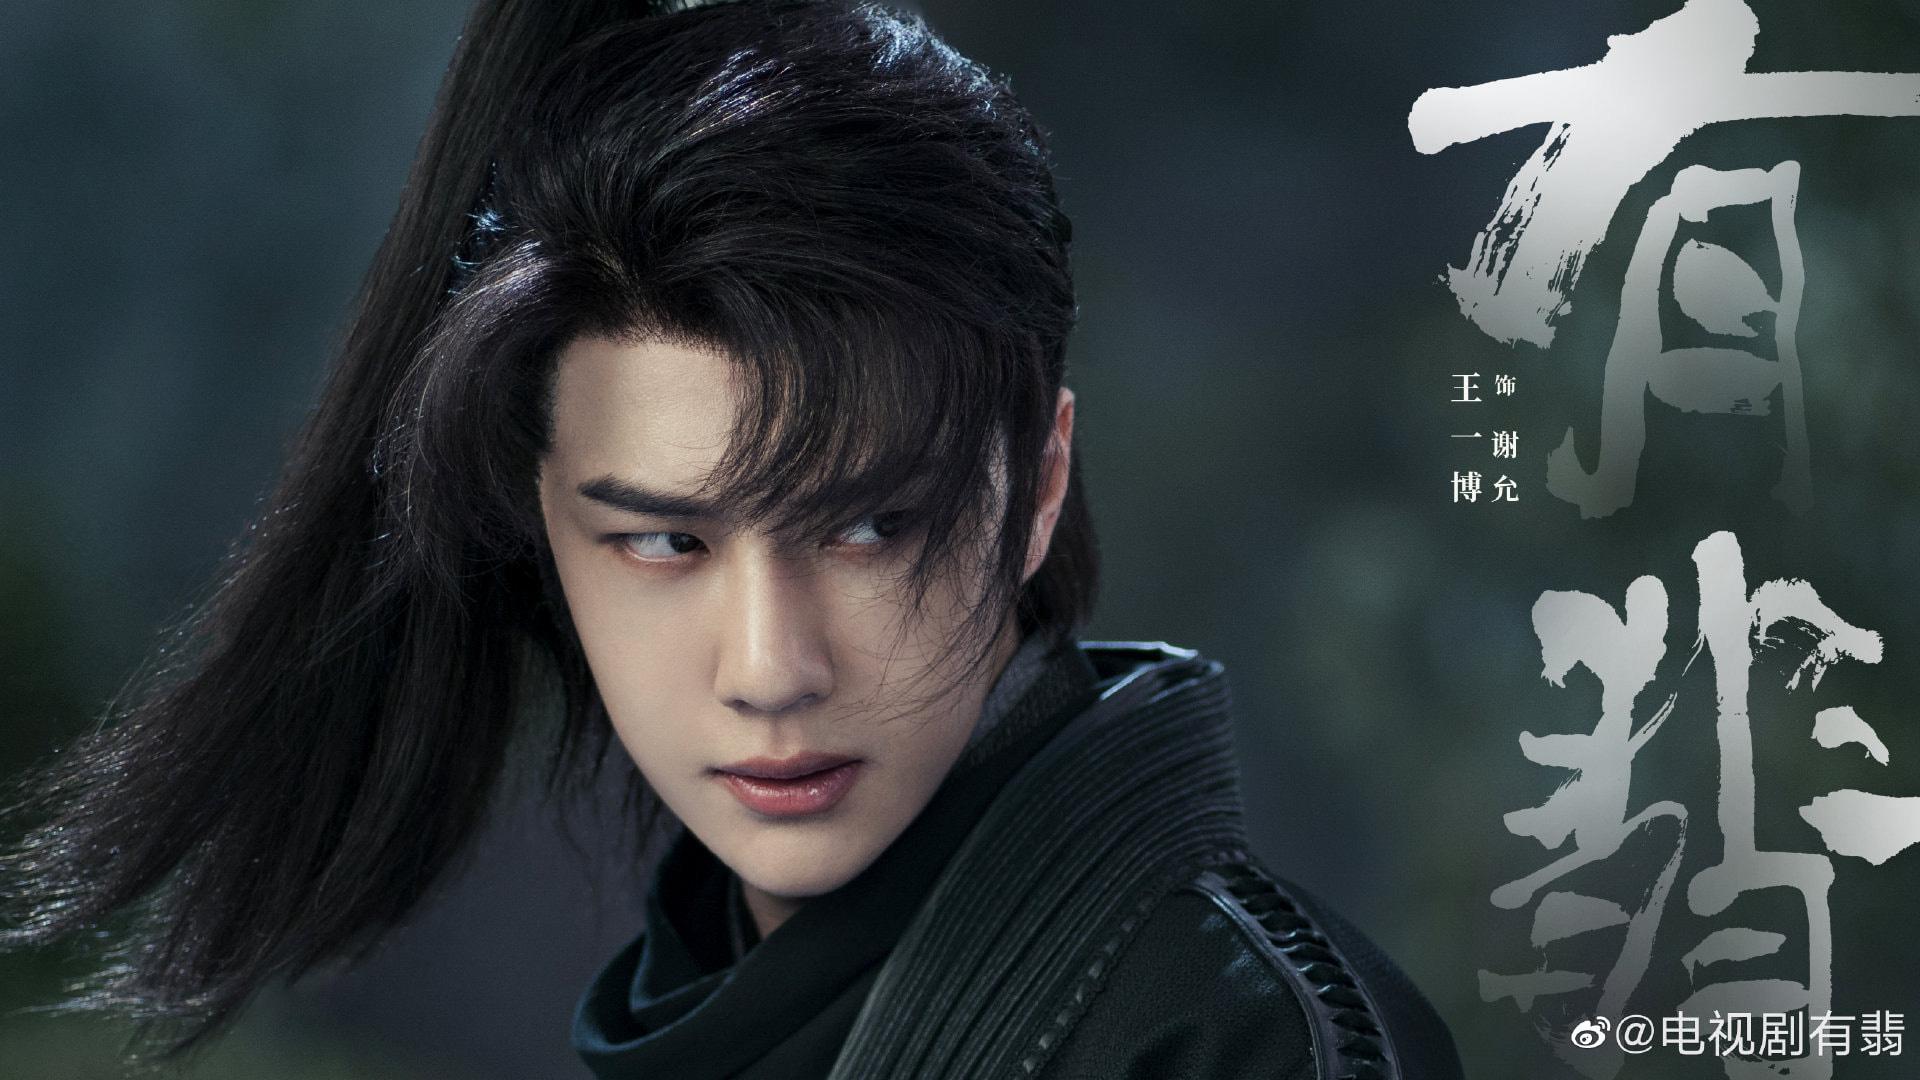 Hữu Phỉ của Triệu Lệ Dĩnh - Vương Nhất Bác tung poster phèn chua, netizen la ó trông như thời 1900 hồi đó - Ảnh 3.